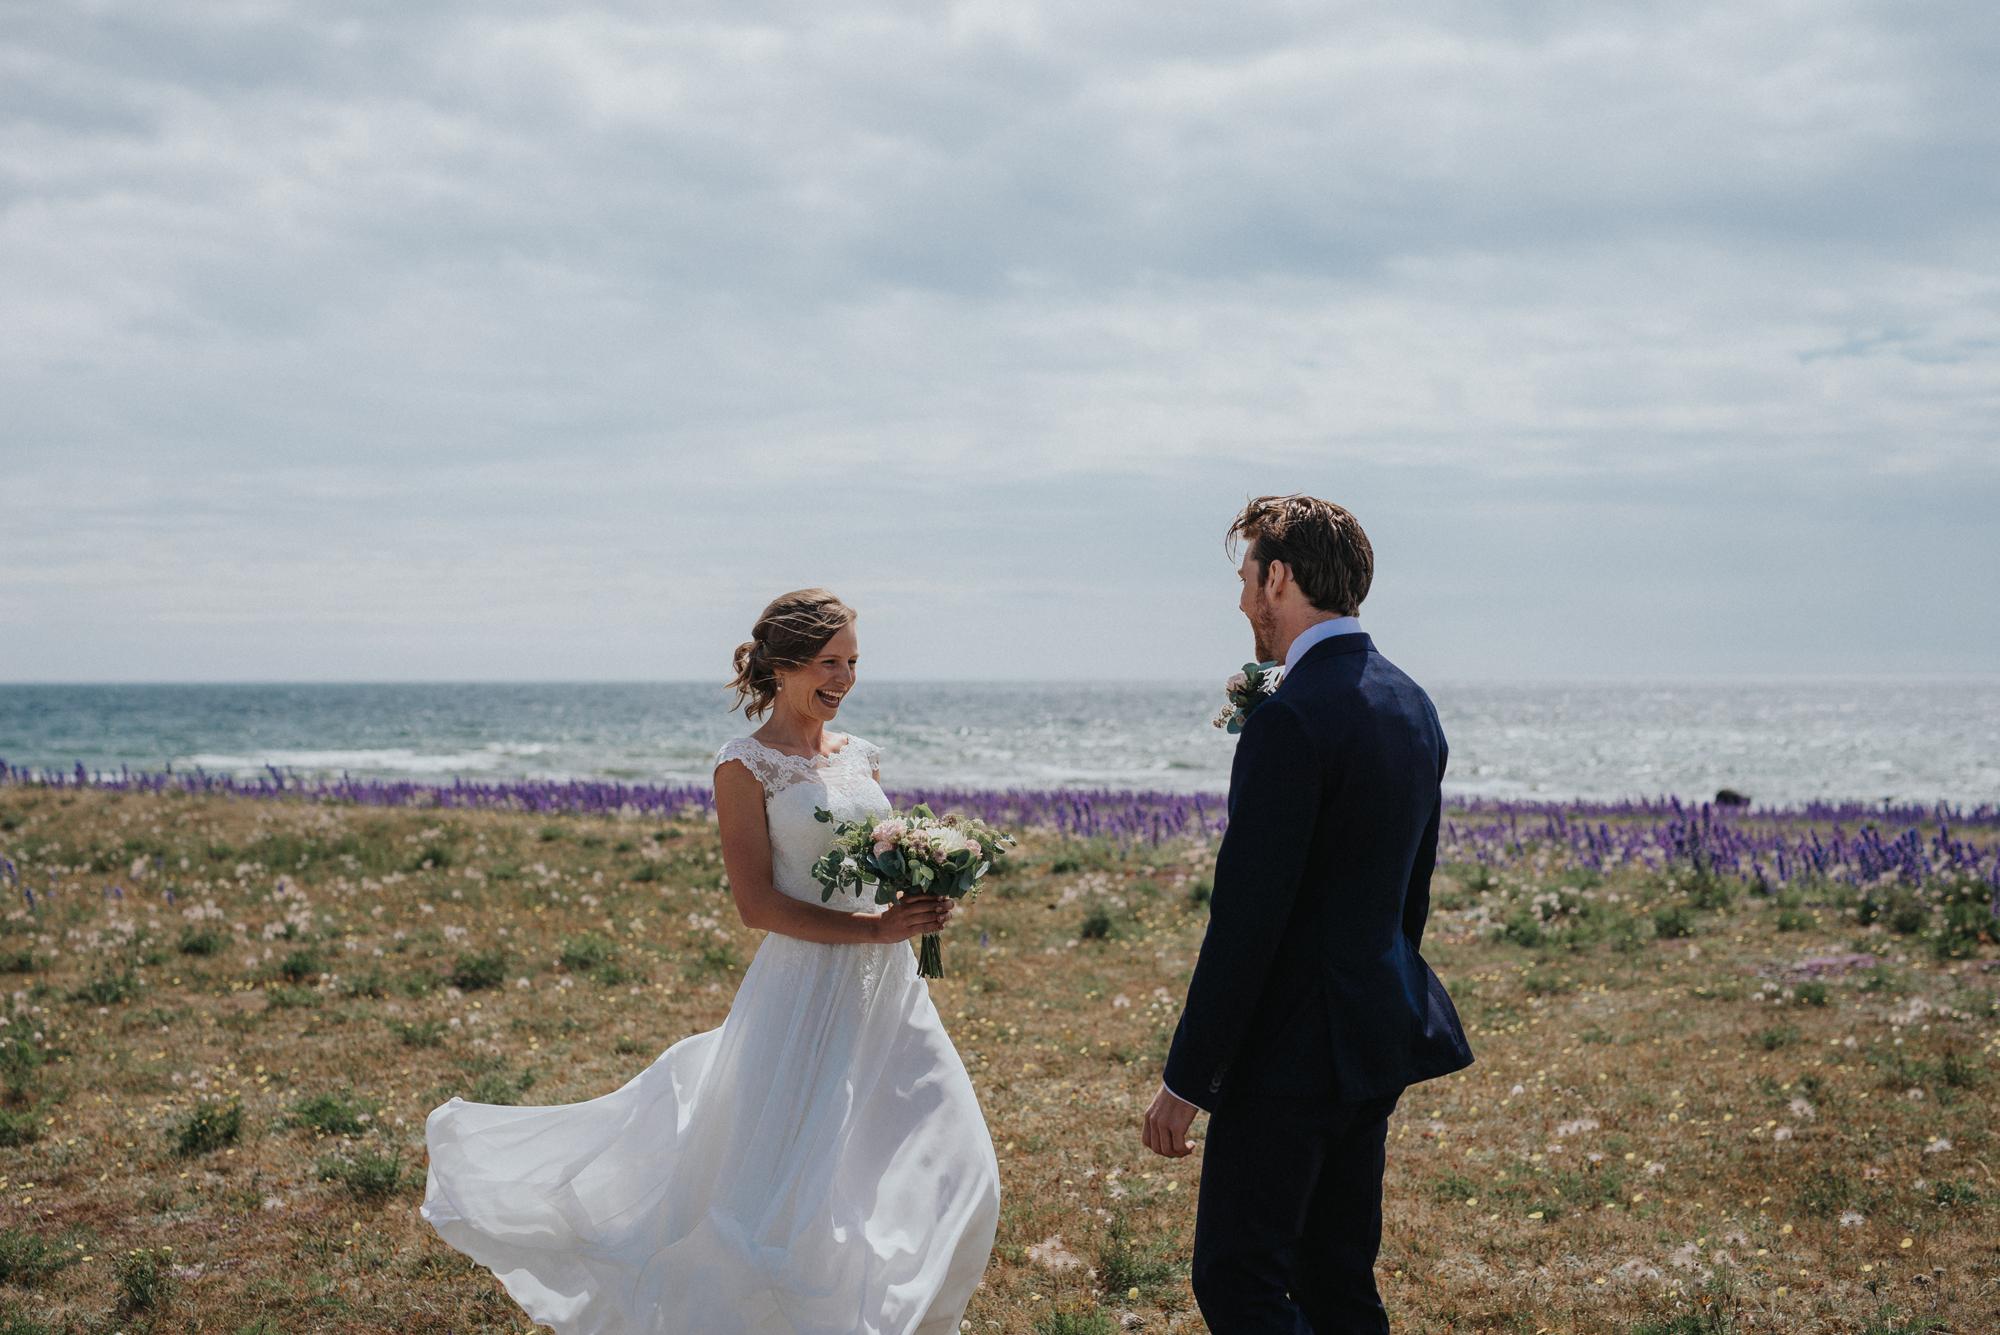 Bröllop plats med täckta st